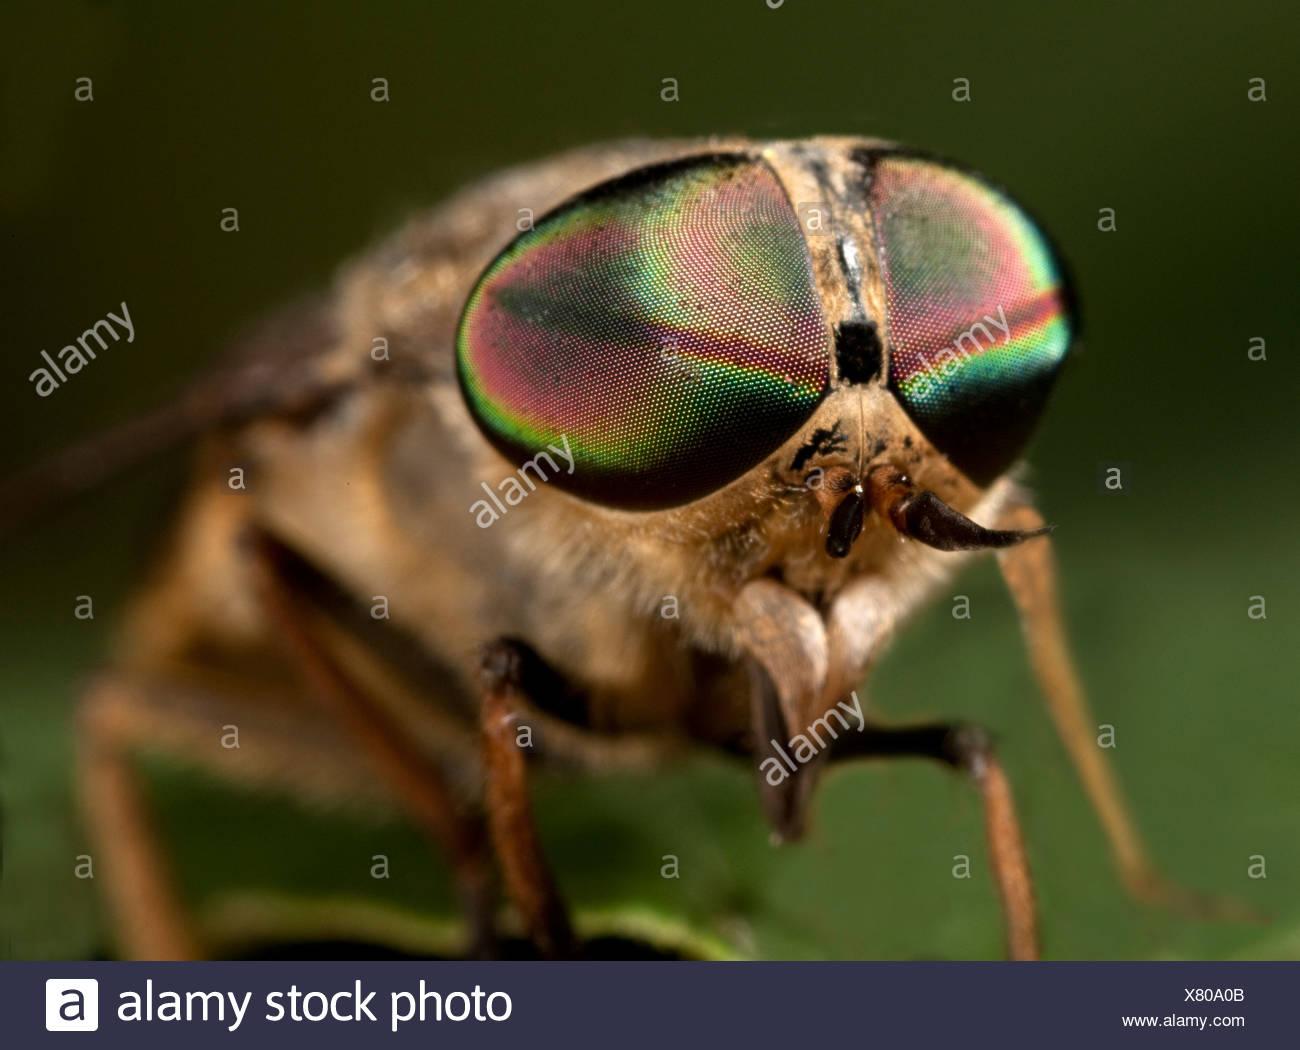 Horse Fly Tabanus bromius macro close up showing large compound eye - Stock Image